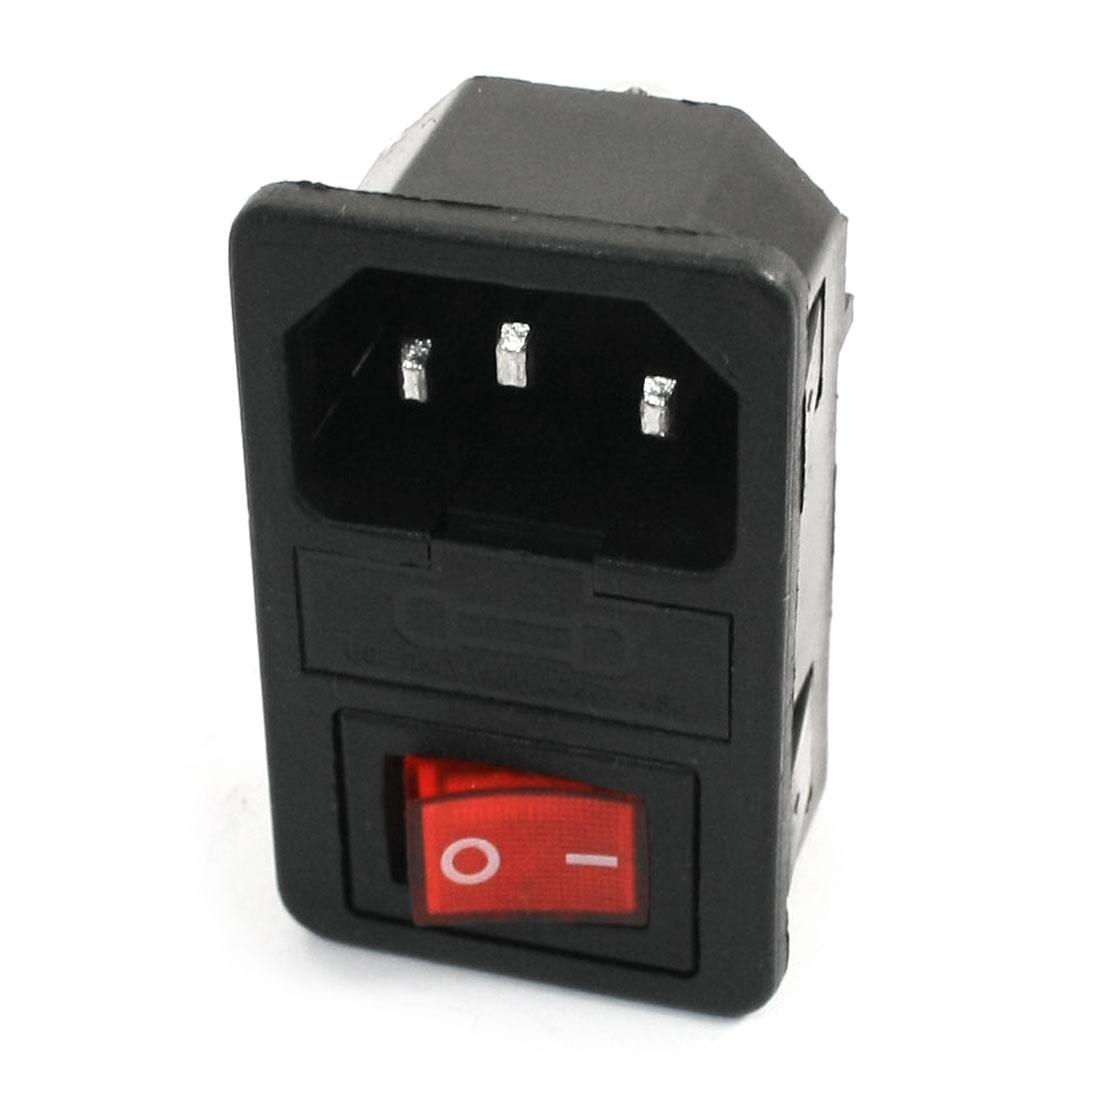 AC 250V 10A Rocker Switch 3 P IEC320 C14 Inlet Male Power Socket